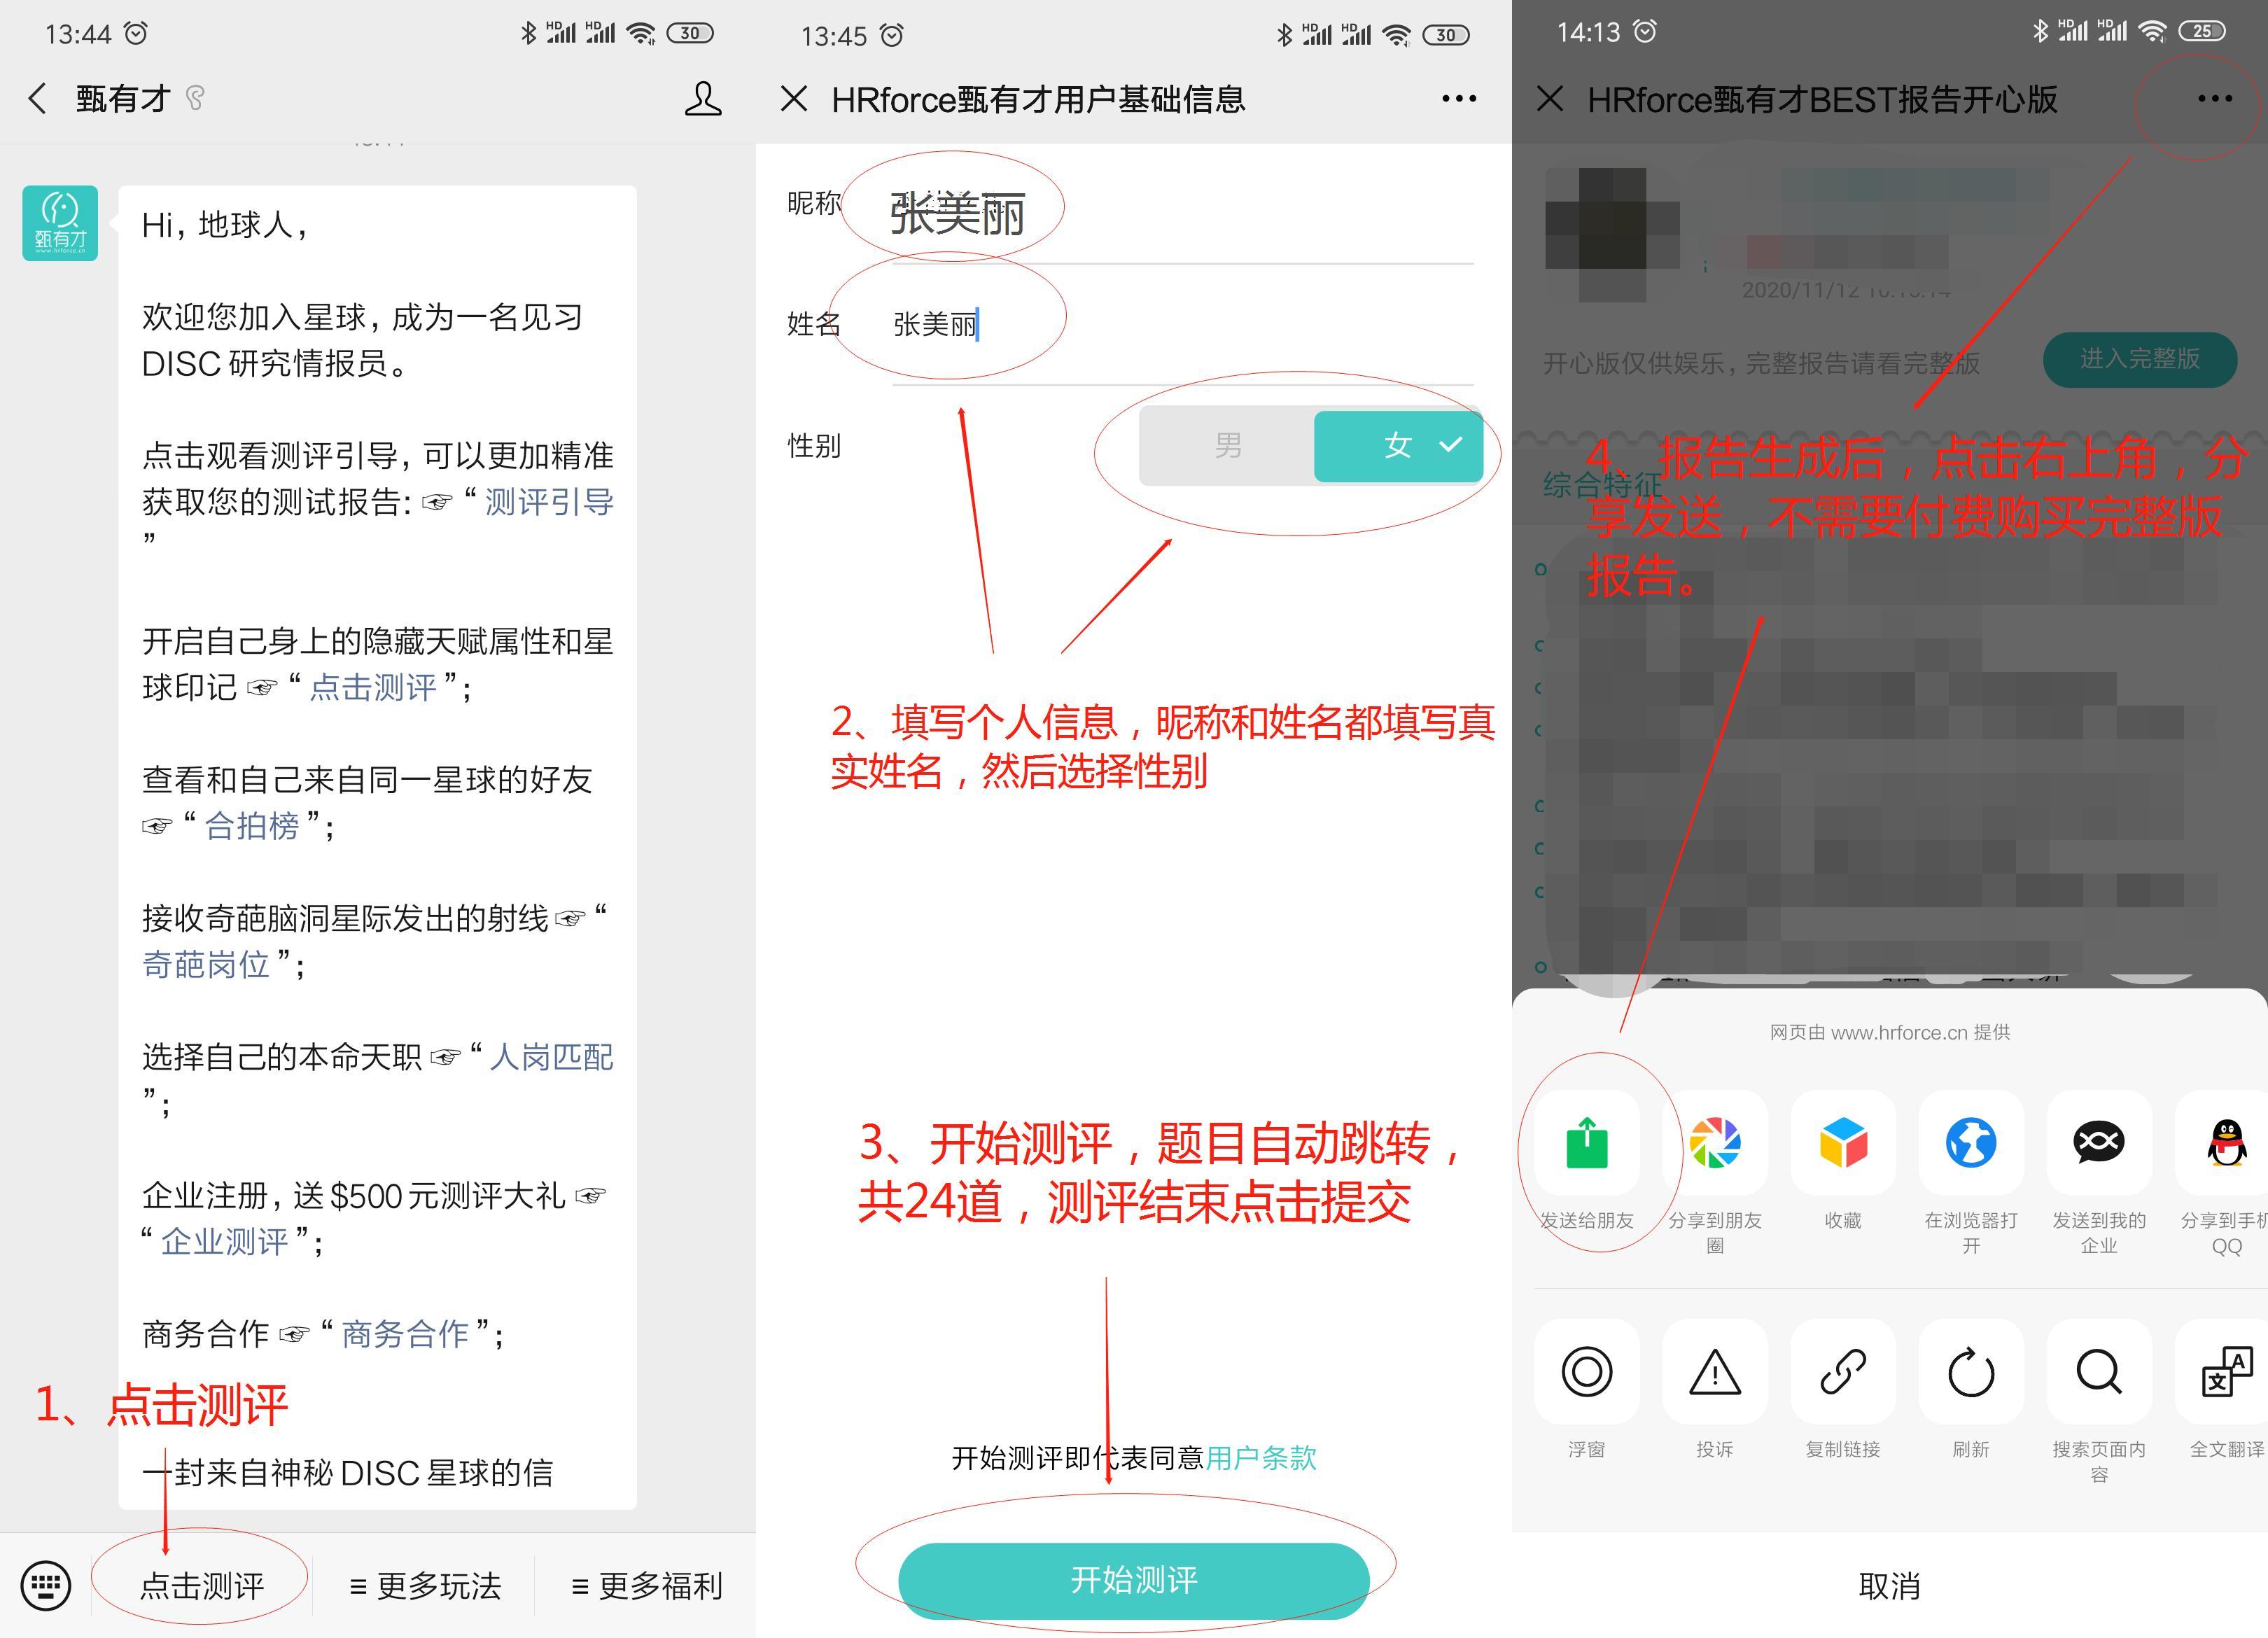 Zidonghua testi Zhuanyong 1231 - Ziteng 1235435